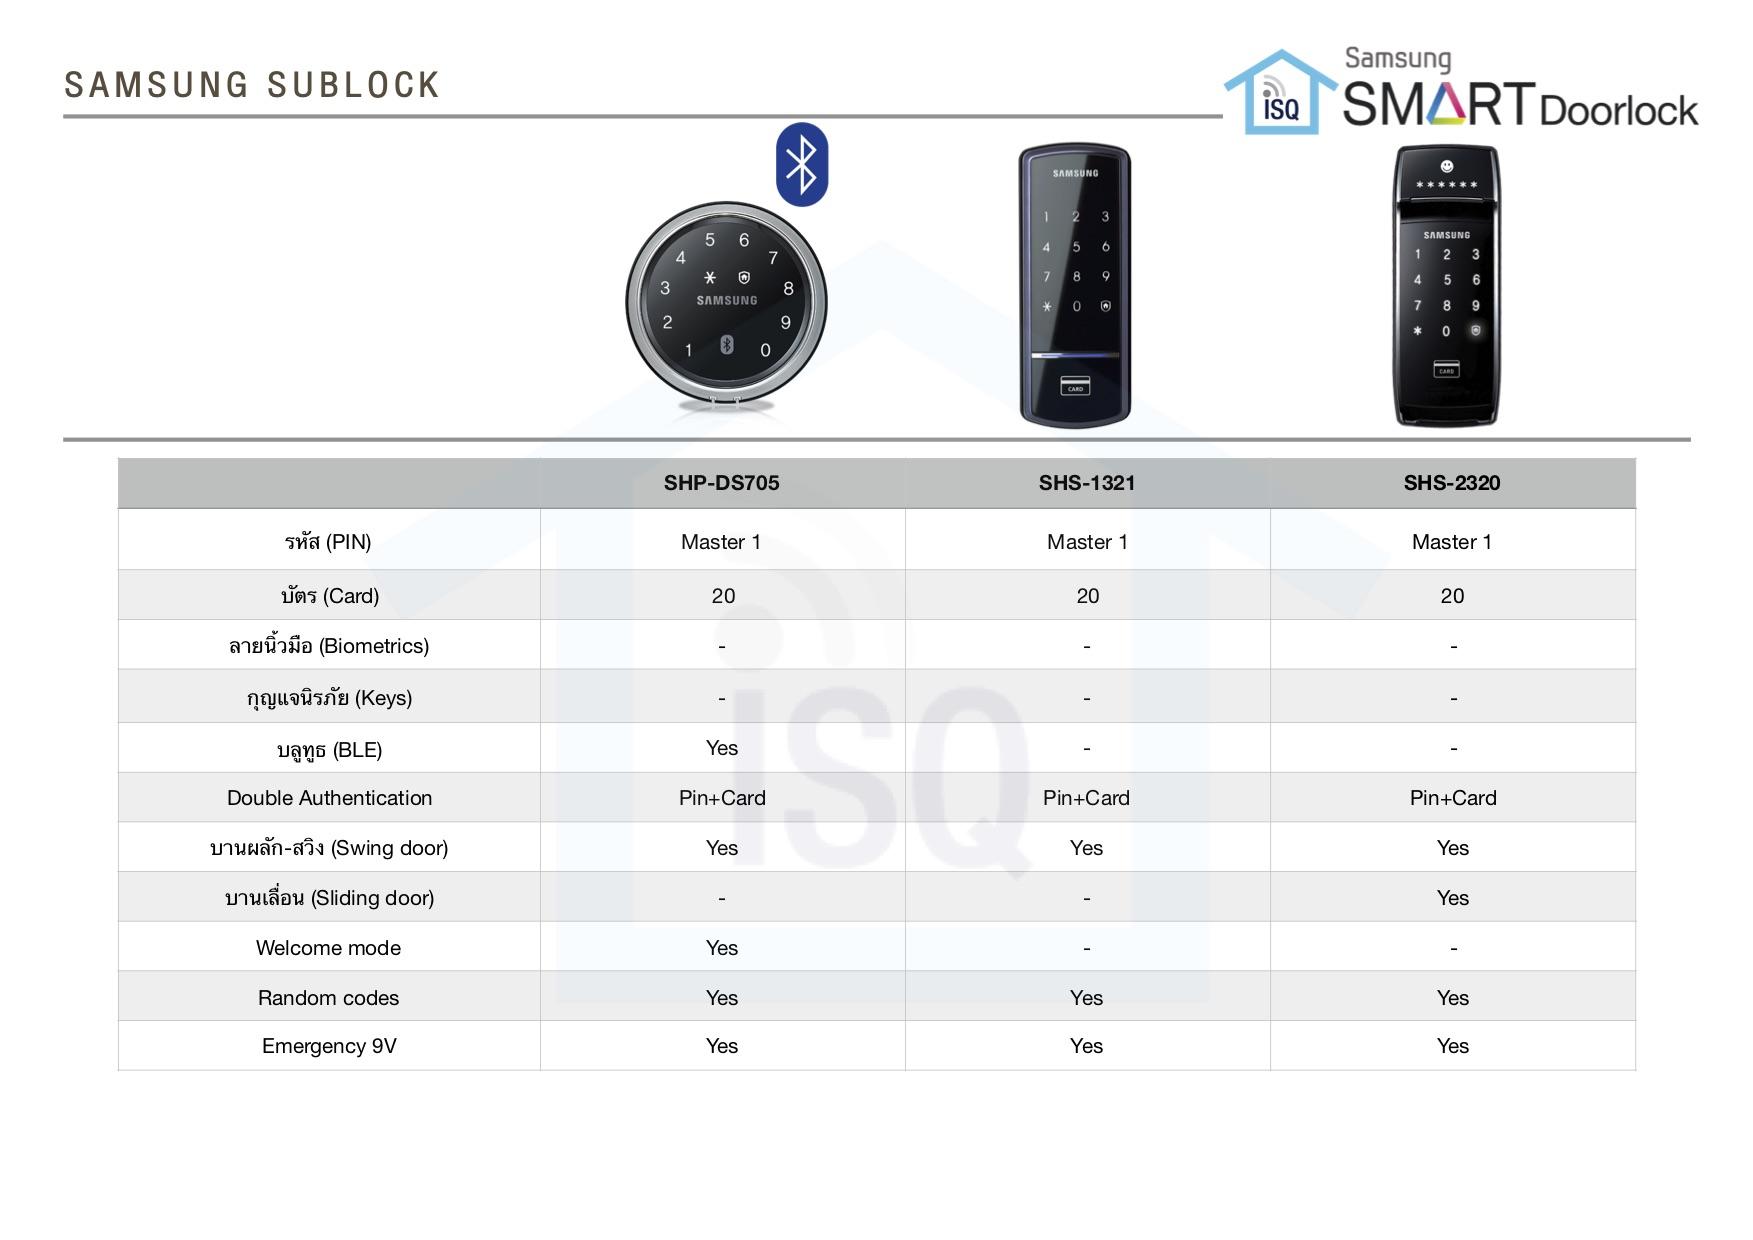 Catalogue Samsung Smart Doorlock